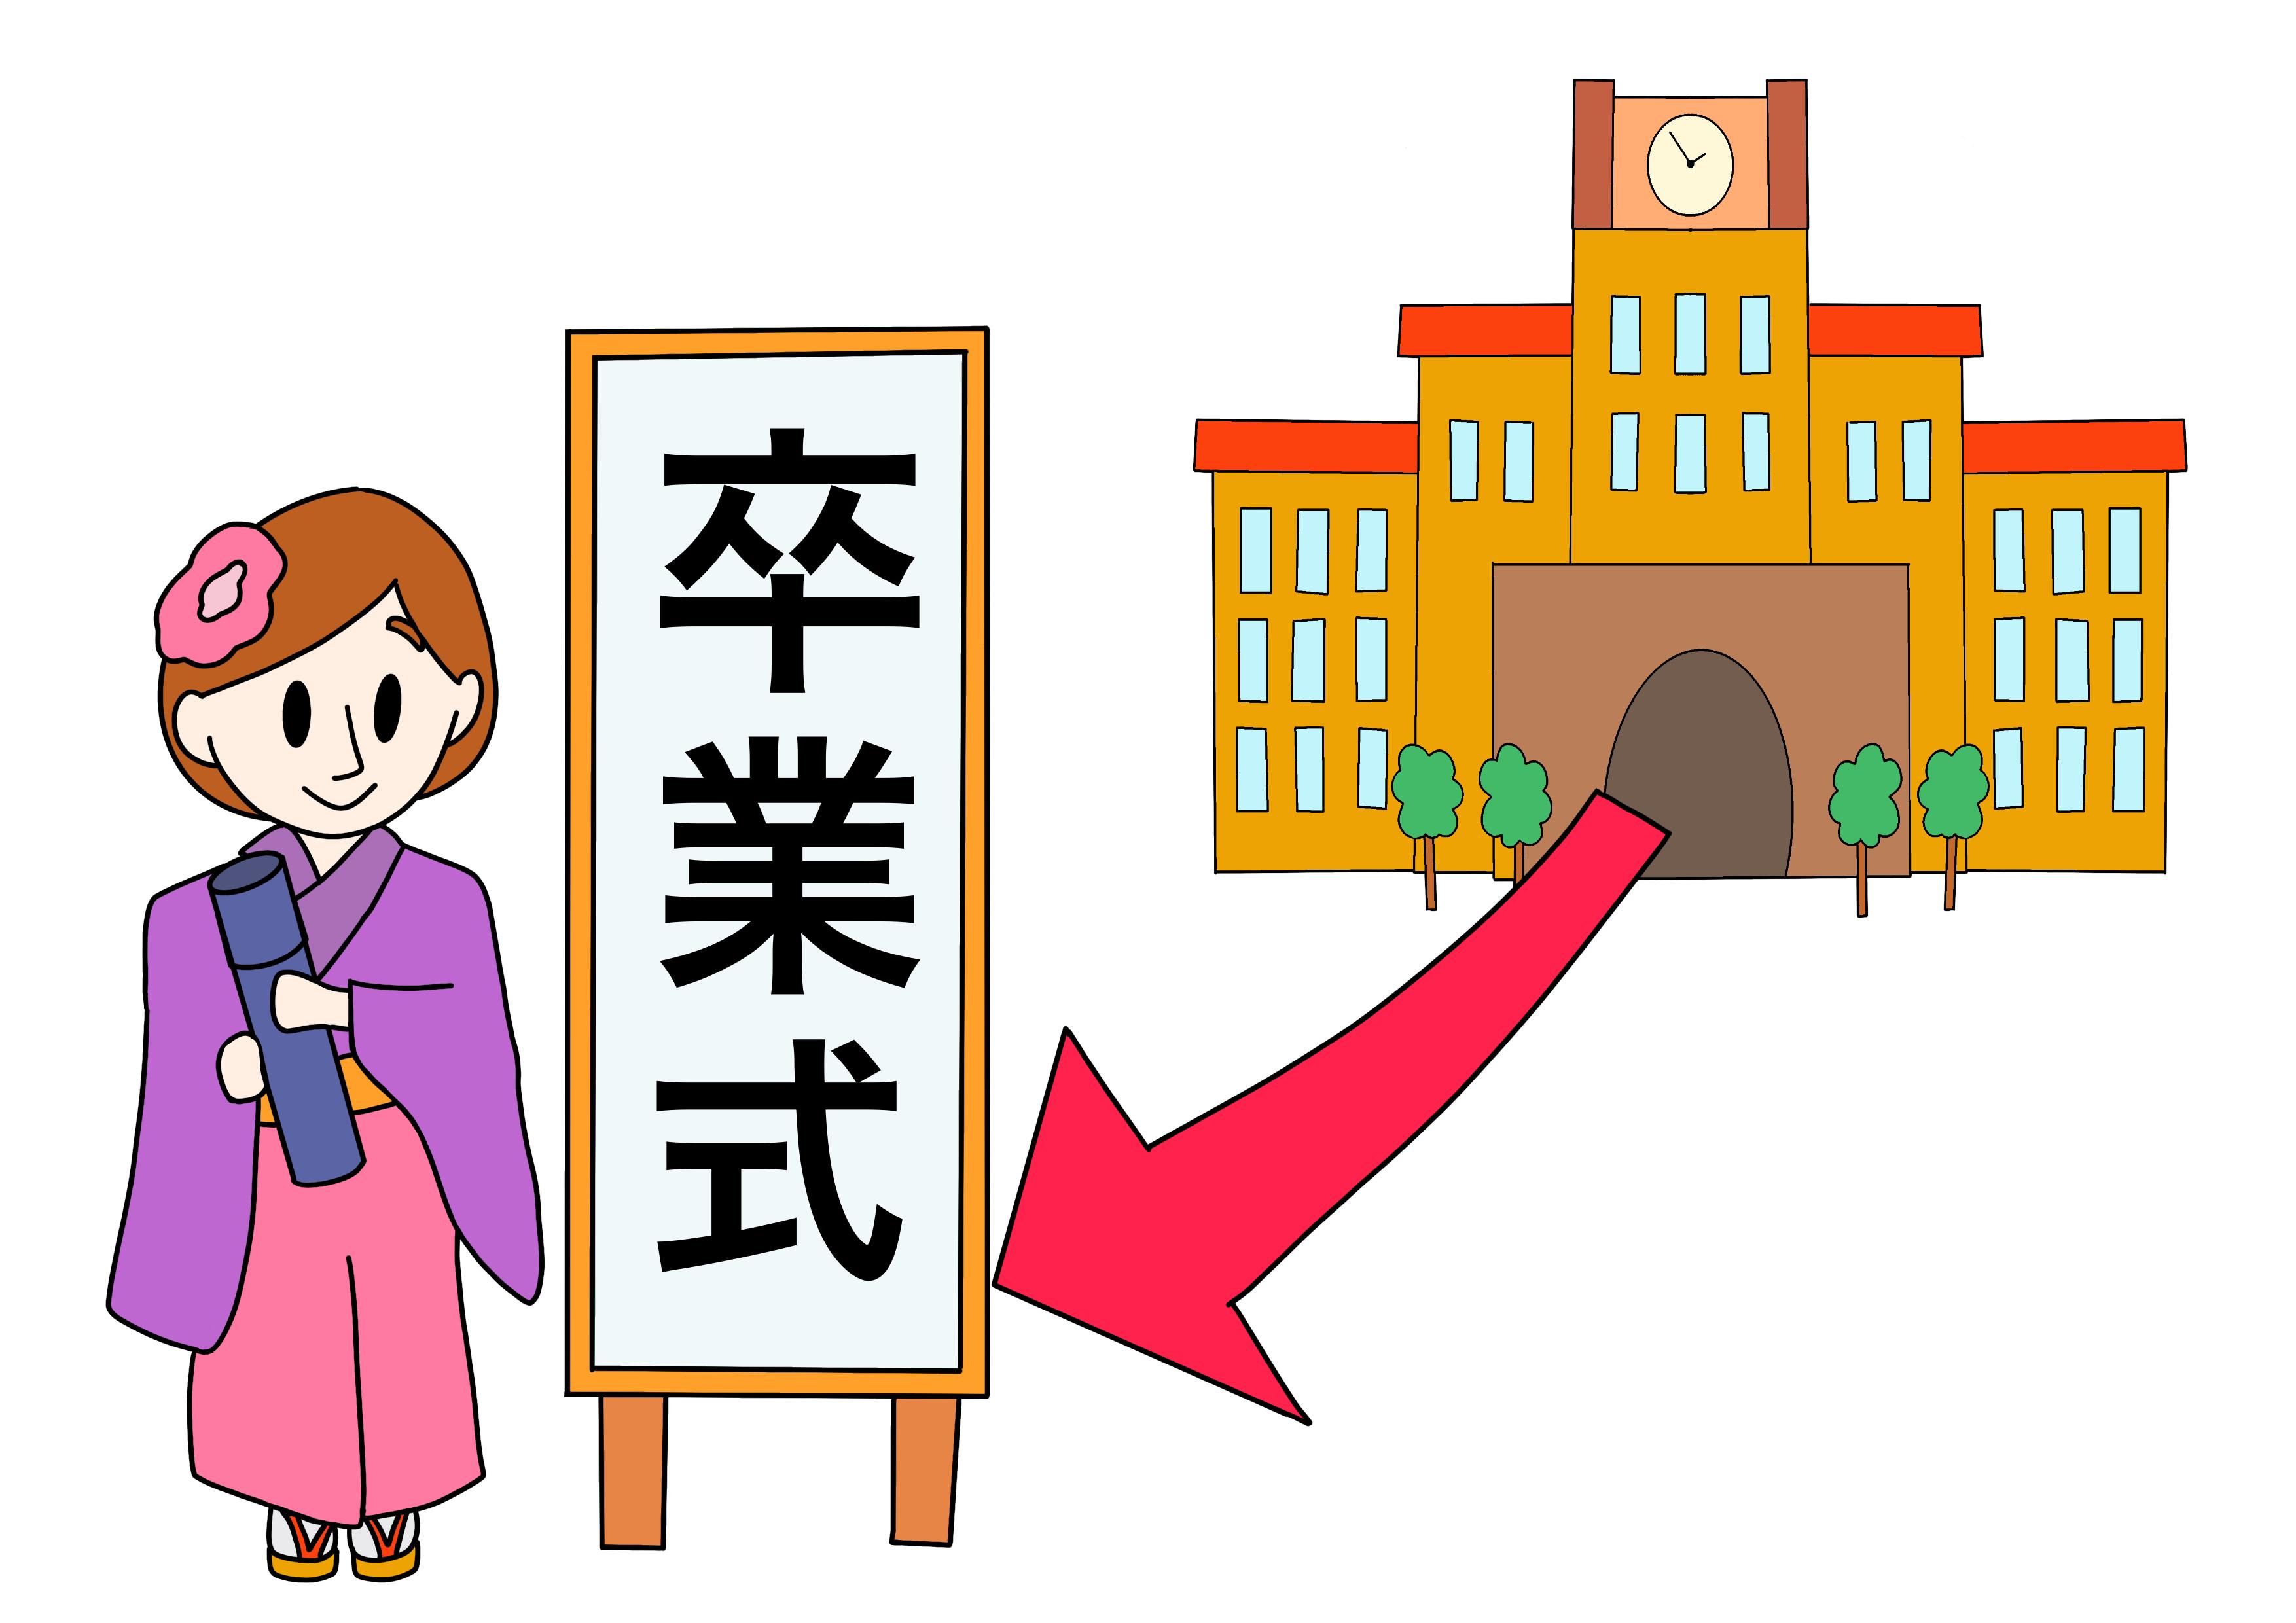 46課イラスト【卒業する】